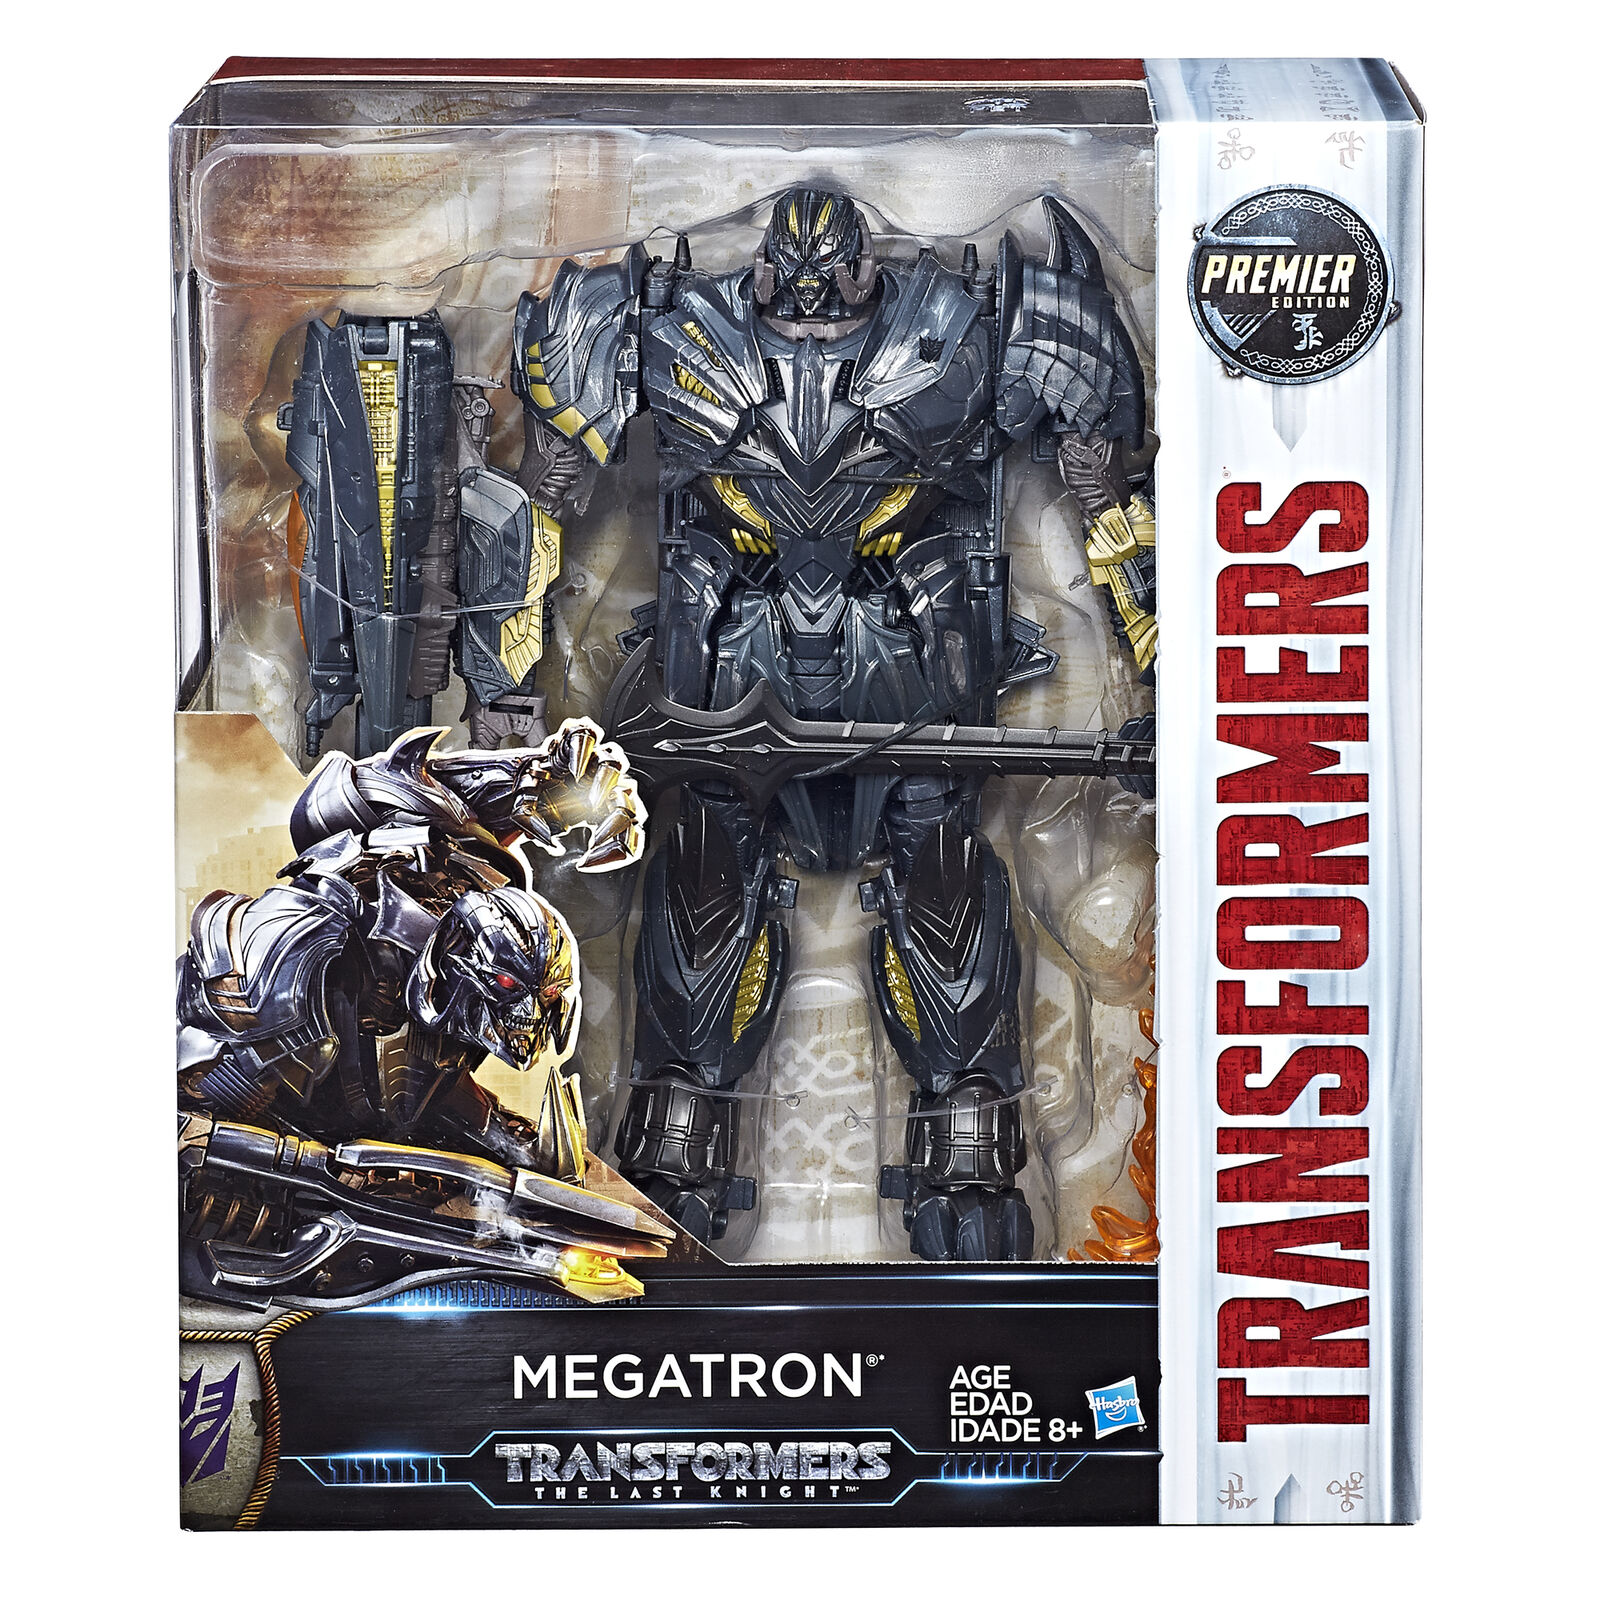 Hasbro Transformers Last Knight Premier edizione Leader classe Megatron nuovo